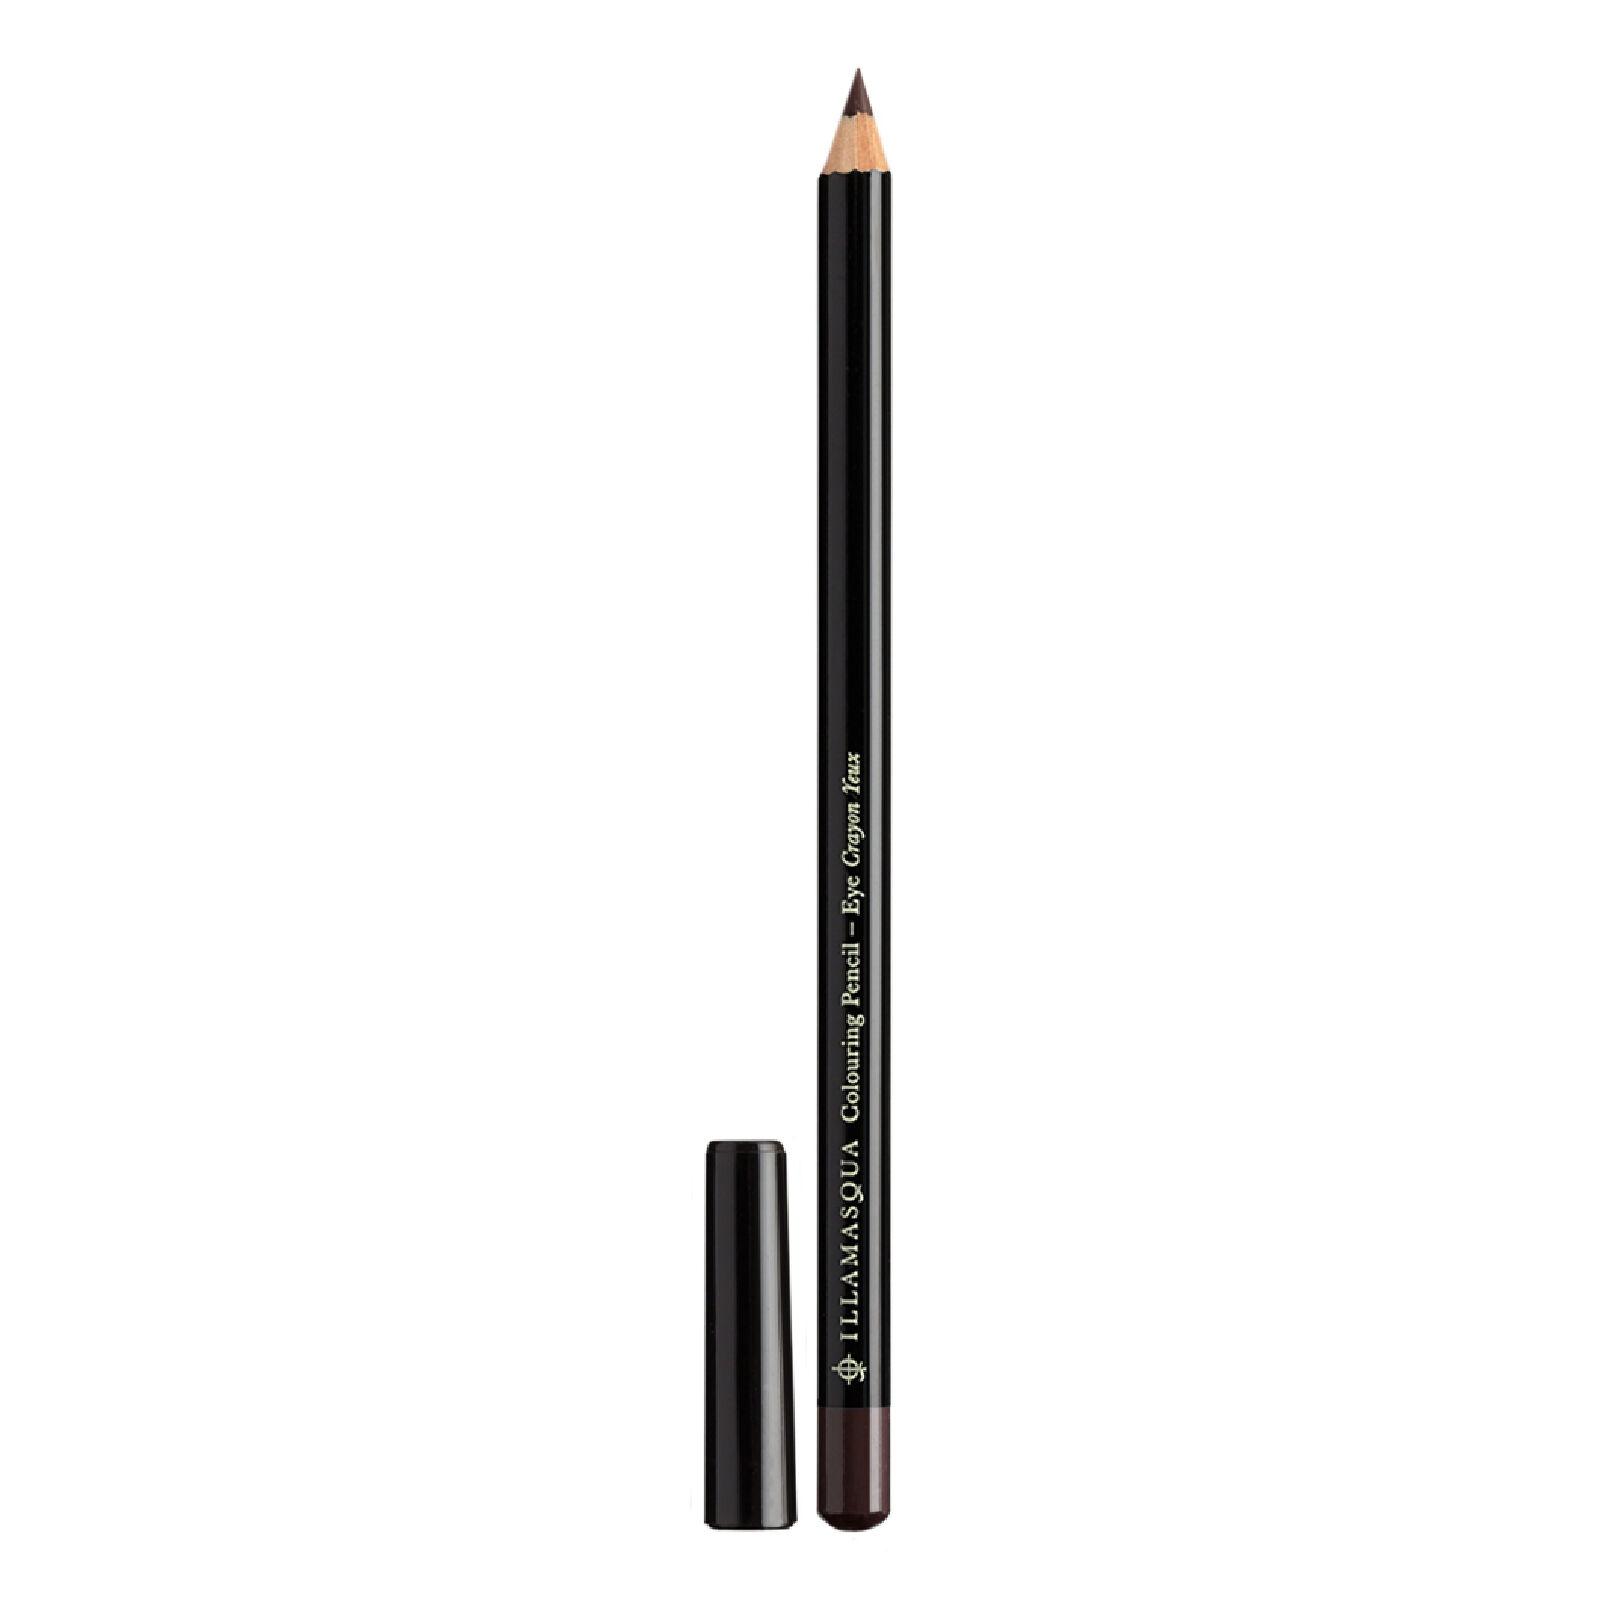 Illamasqua Colouring Eye Pencil 1.4g (Various Shades) - Honor